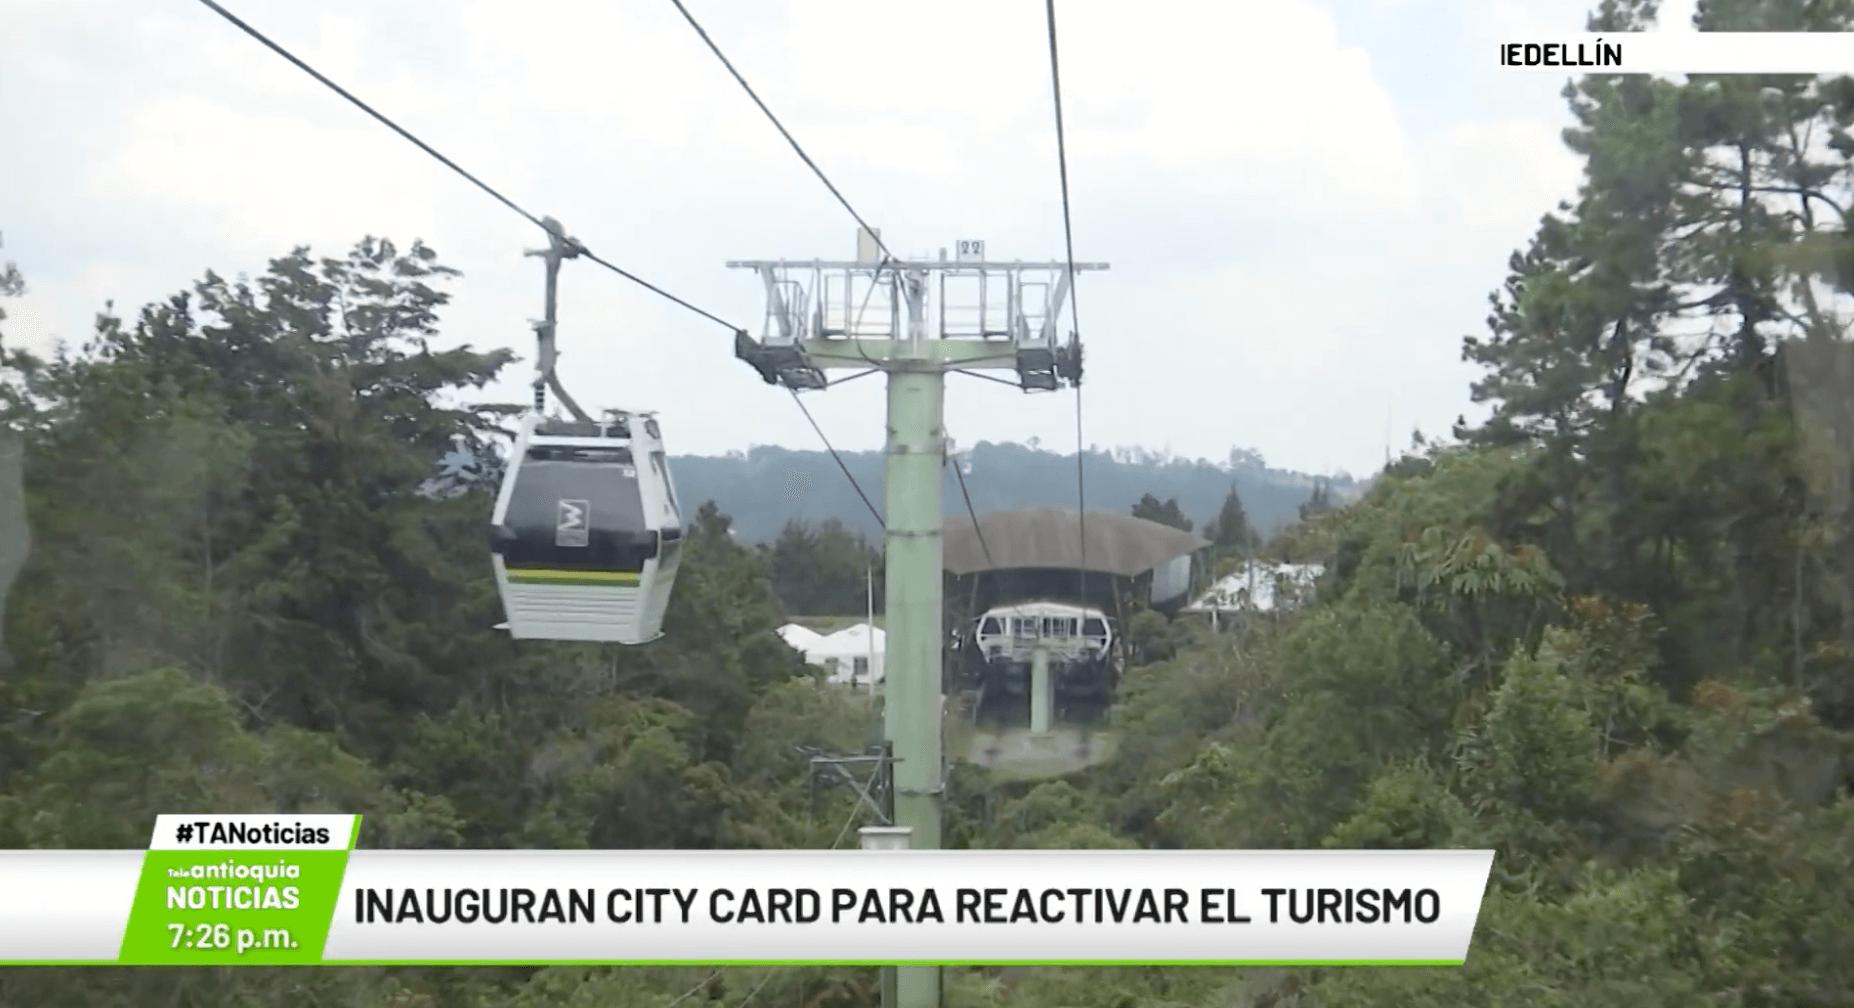 Inauguran City Card para reactivar el turismo